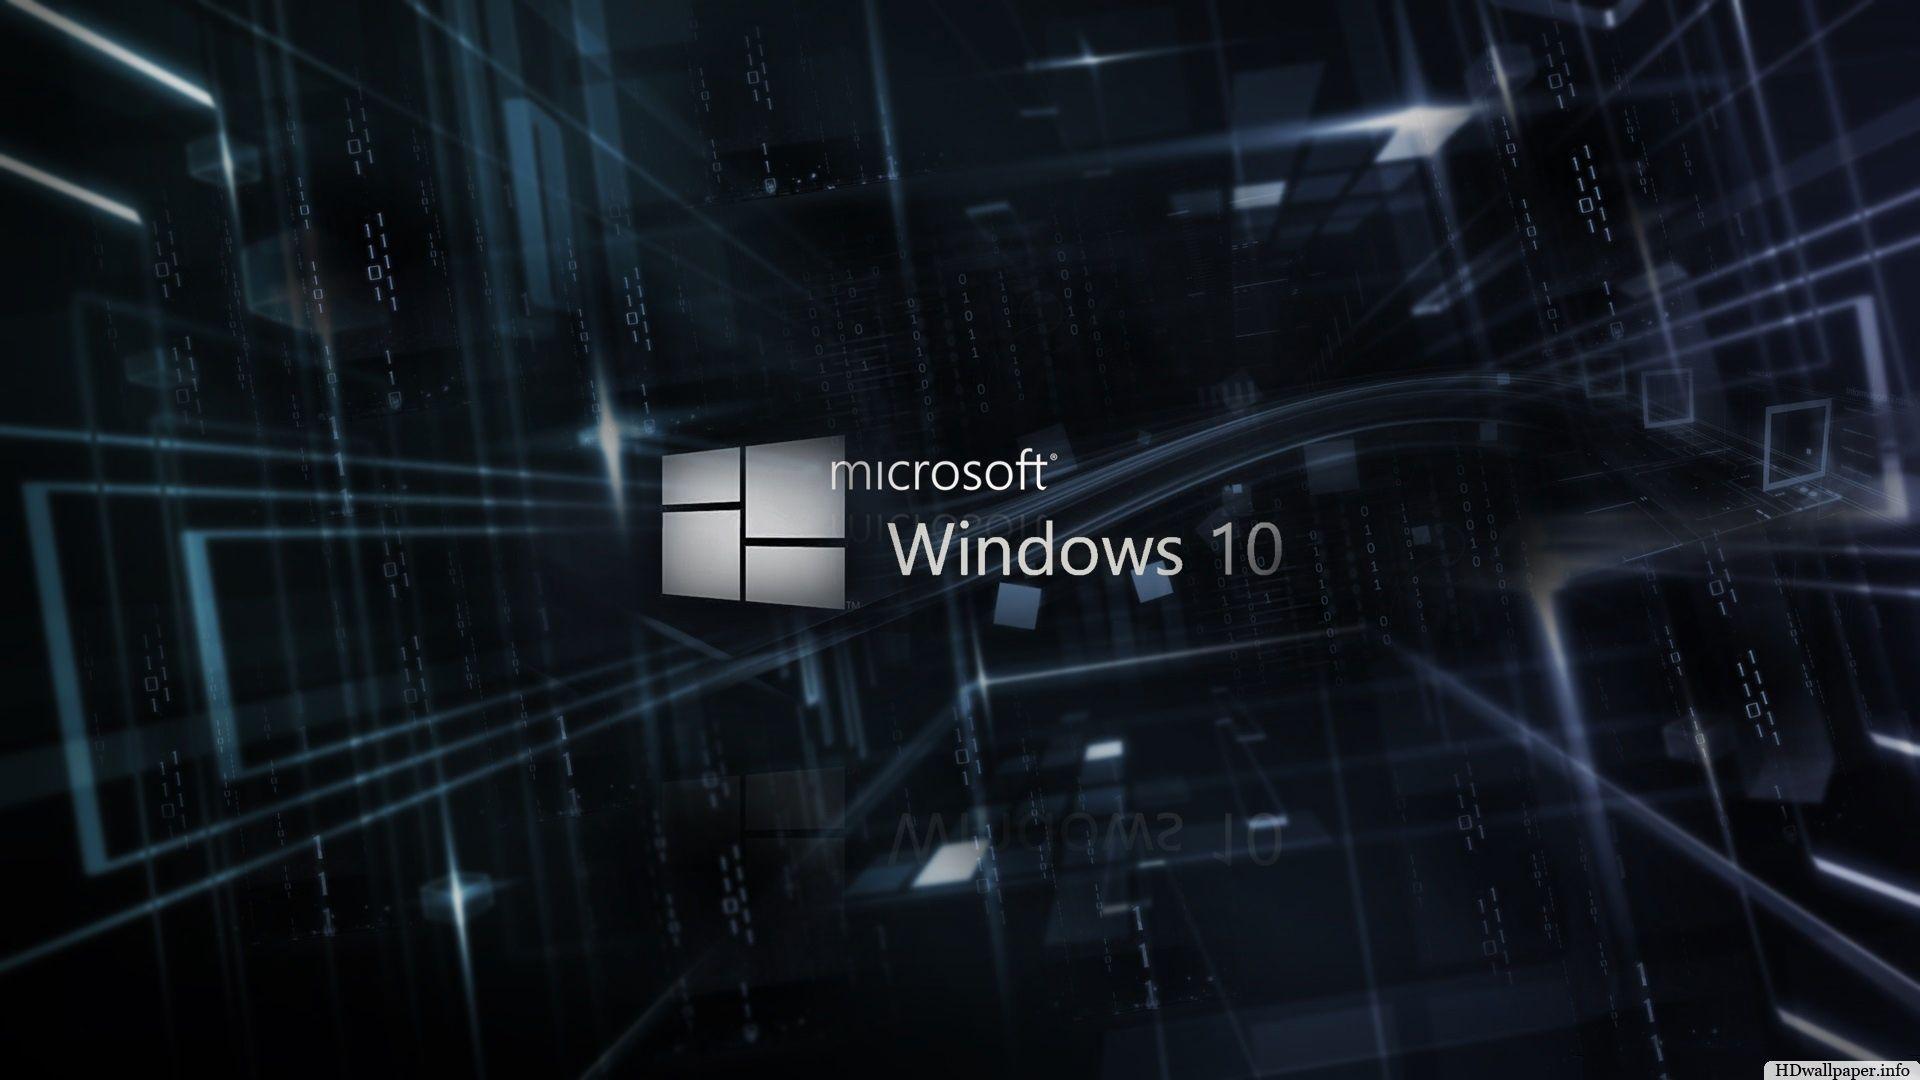 Windows 10 Wallpaper Hd 3d Http Hdwallpaper Info Windows 10 Wallpaper Hd 3d Hd Wallpapers Wallpaper Windows 10 Windows Wallpaper Windows 10 Logo